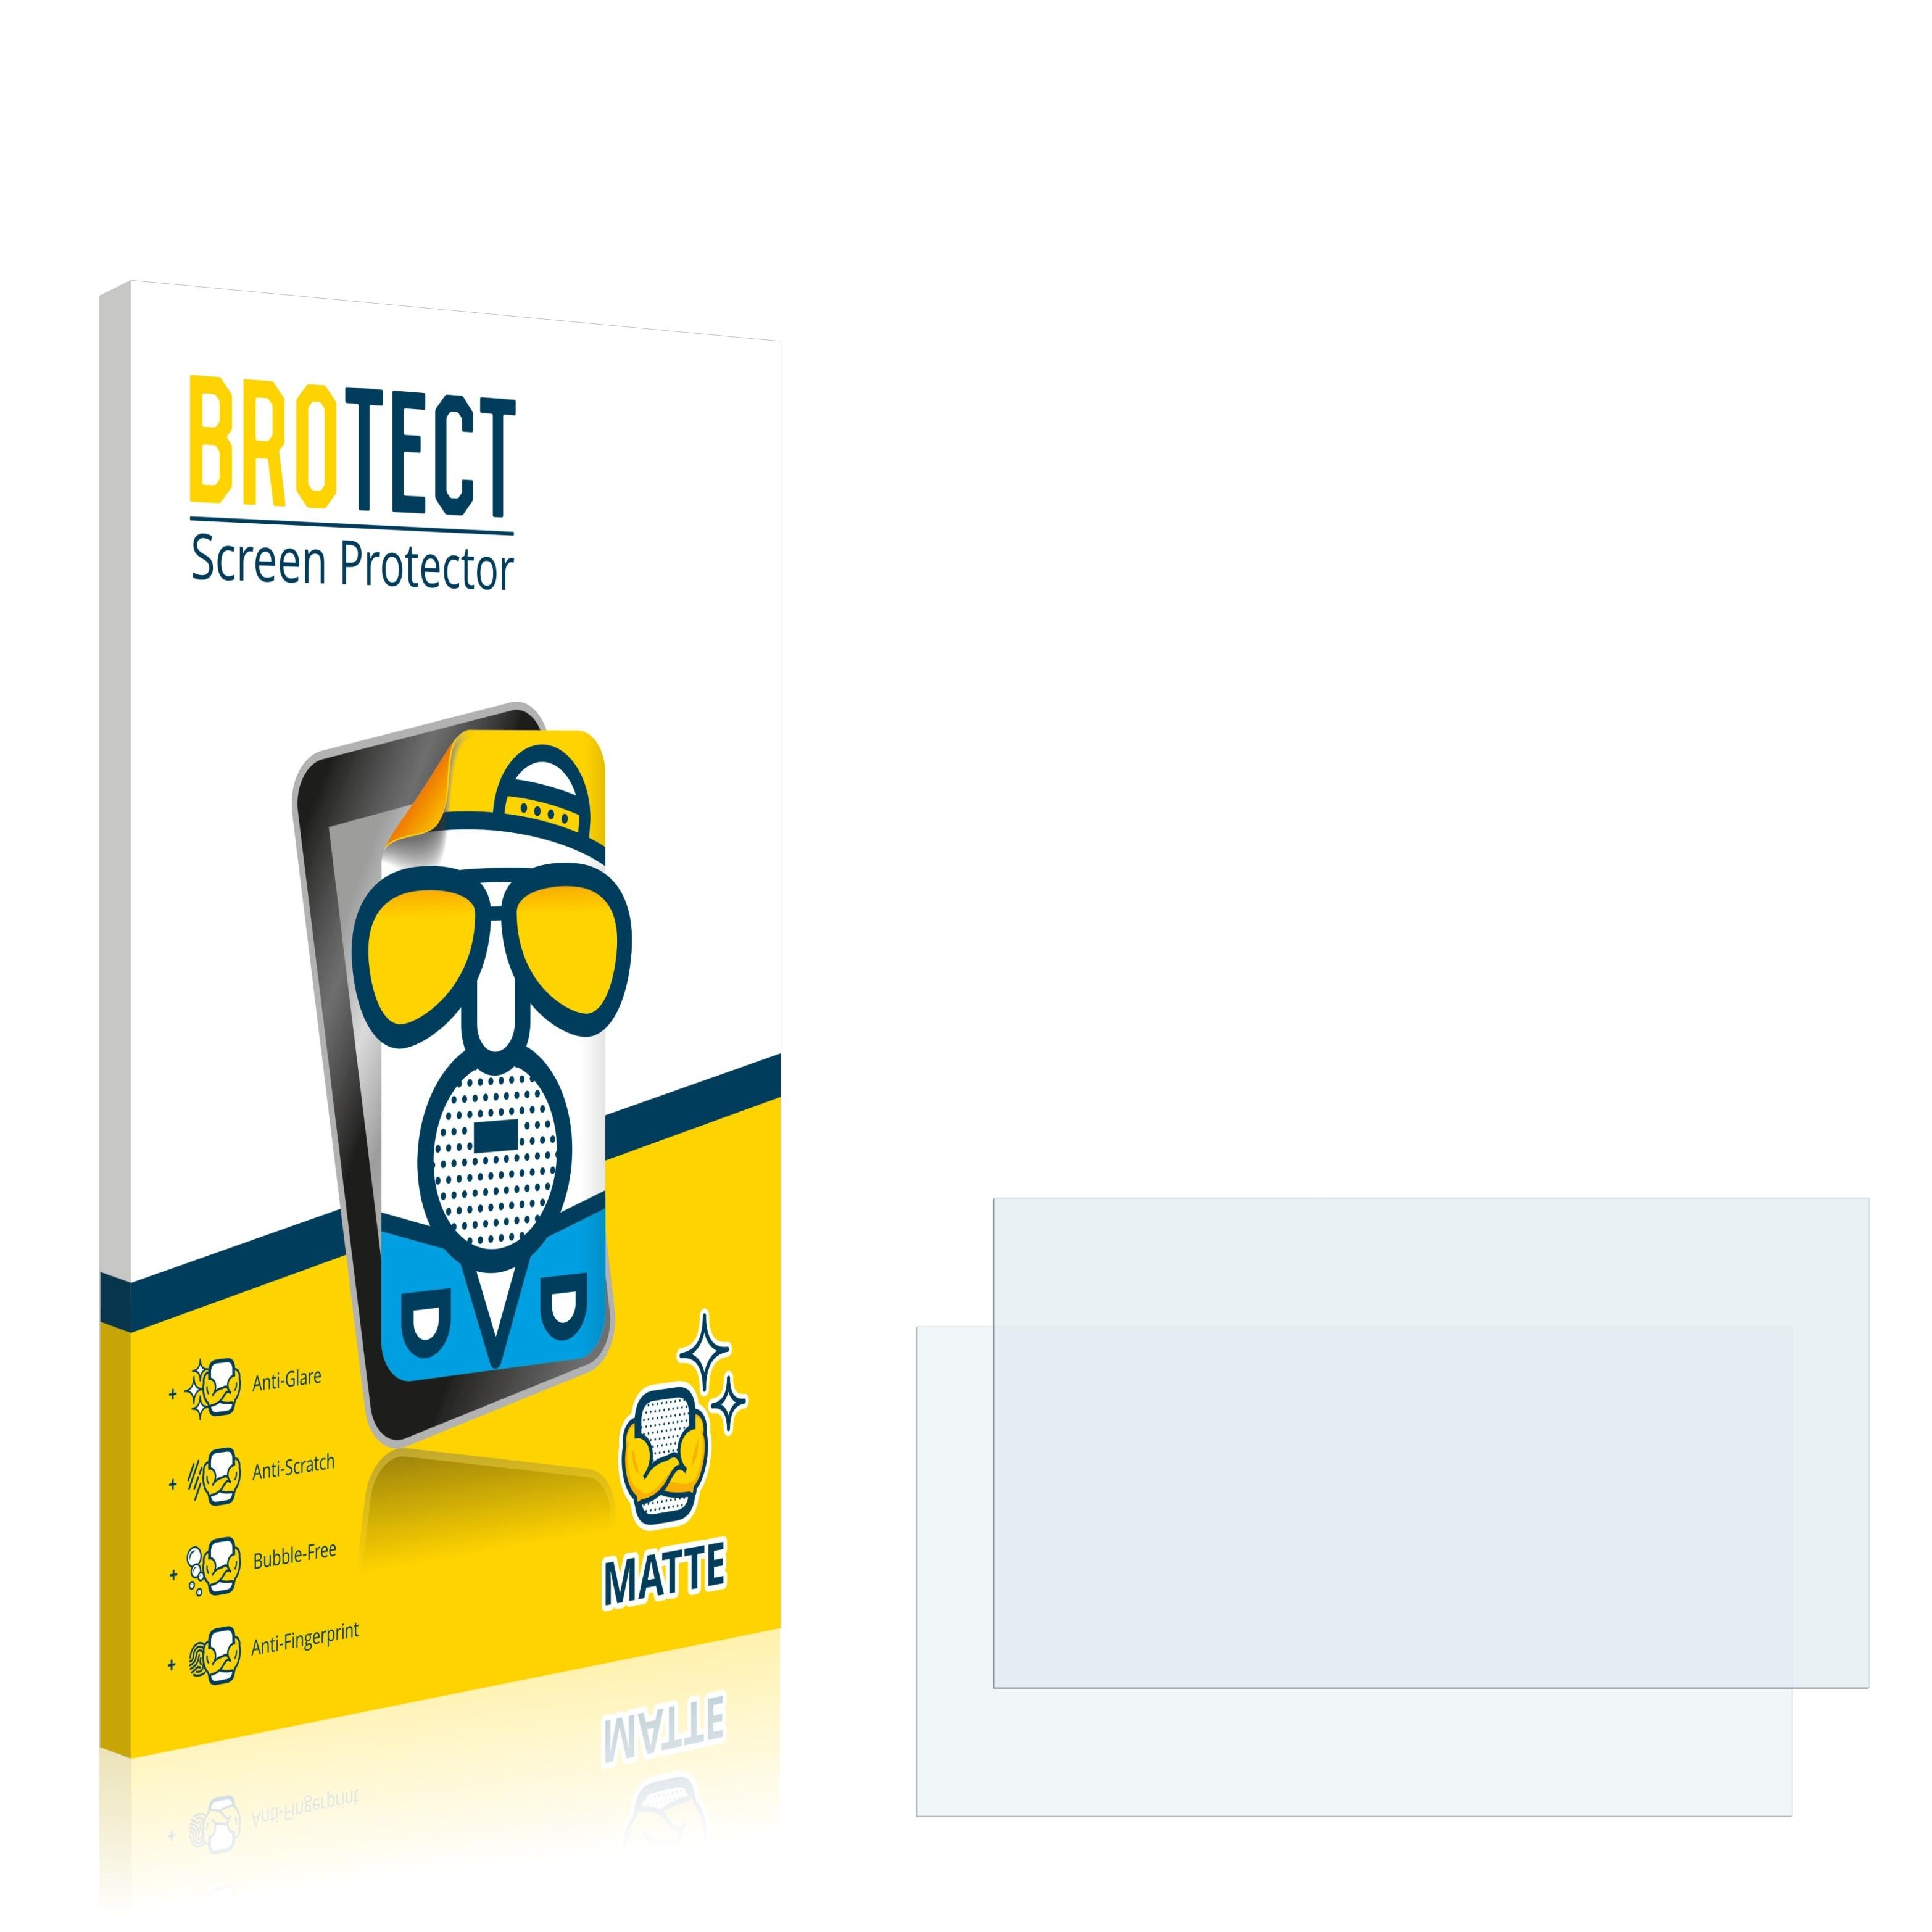 Matná ochranná fólie BROTECT pro Acer Aspire 1410 Special Edition, 2 ks